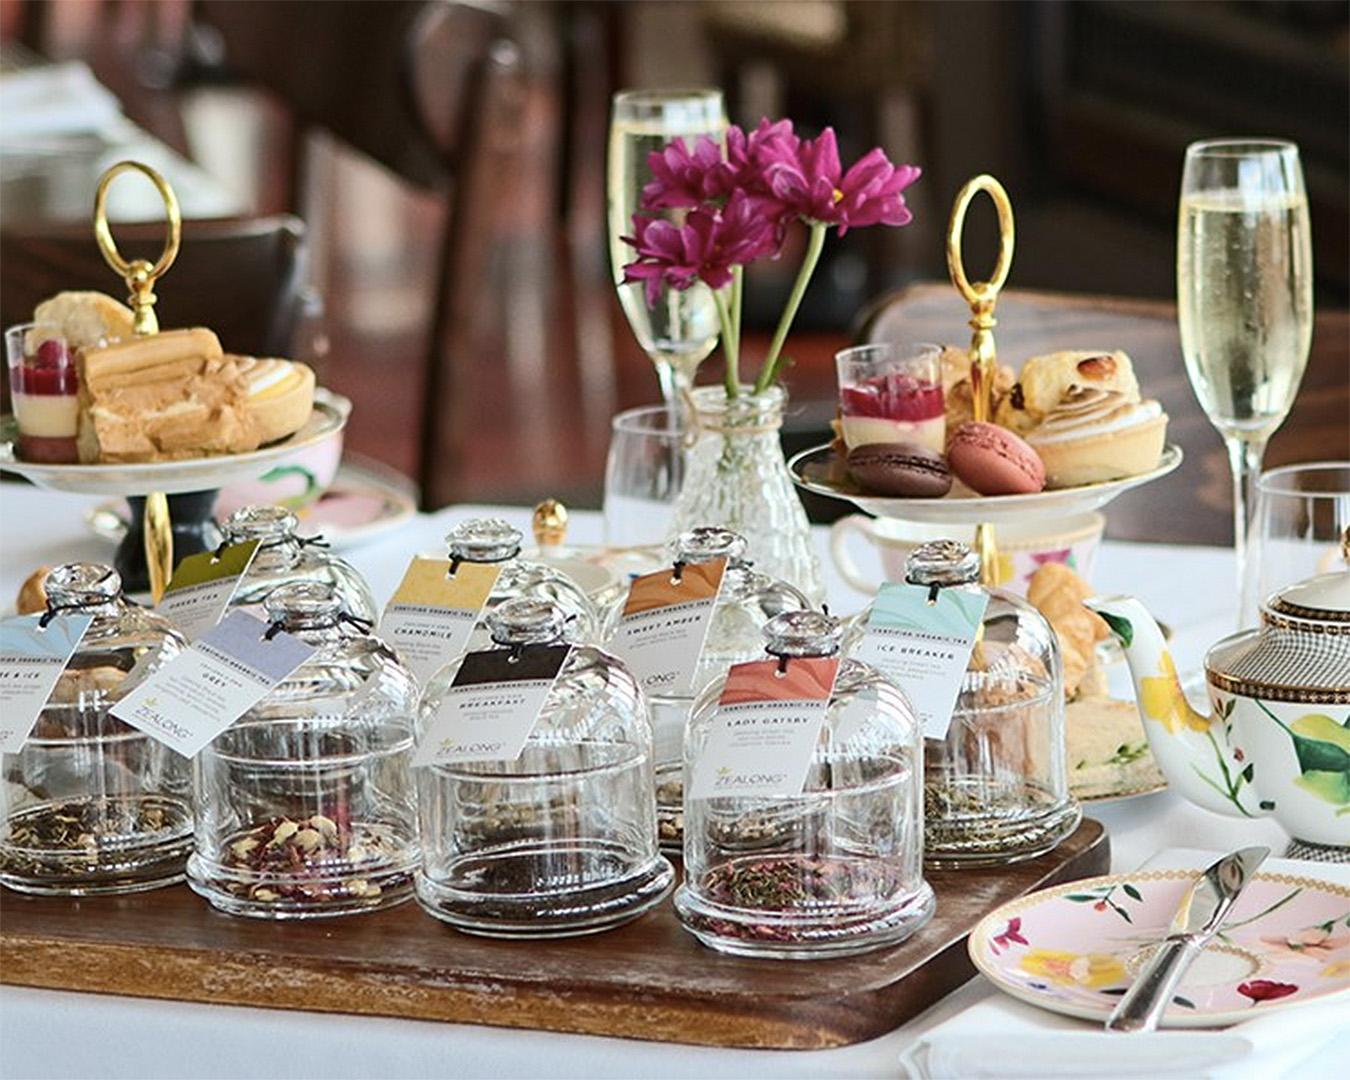 A lovely high tea spread.